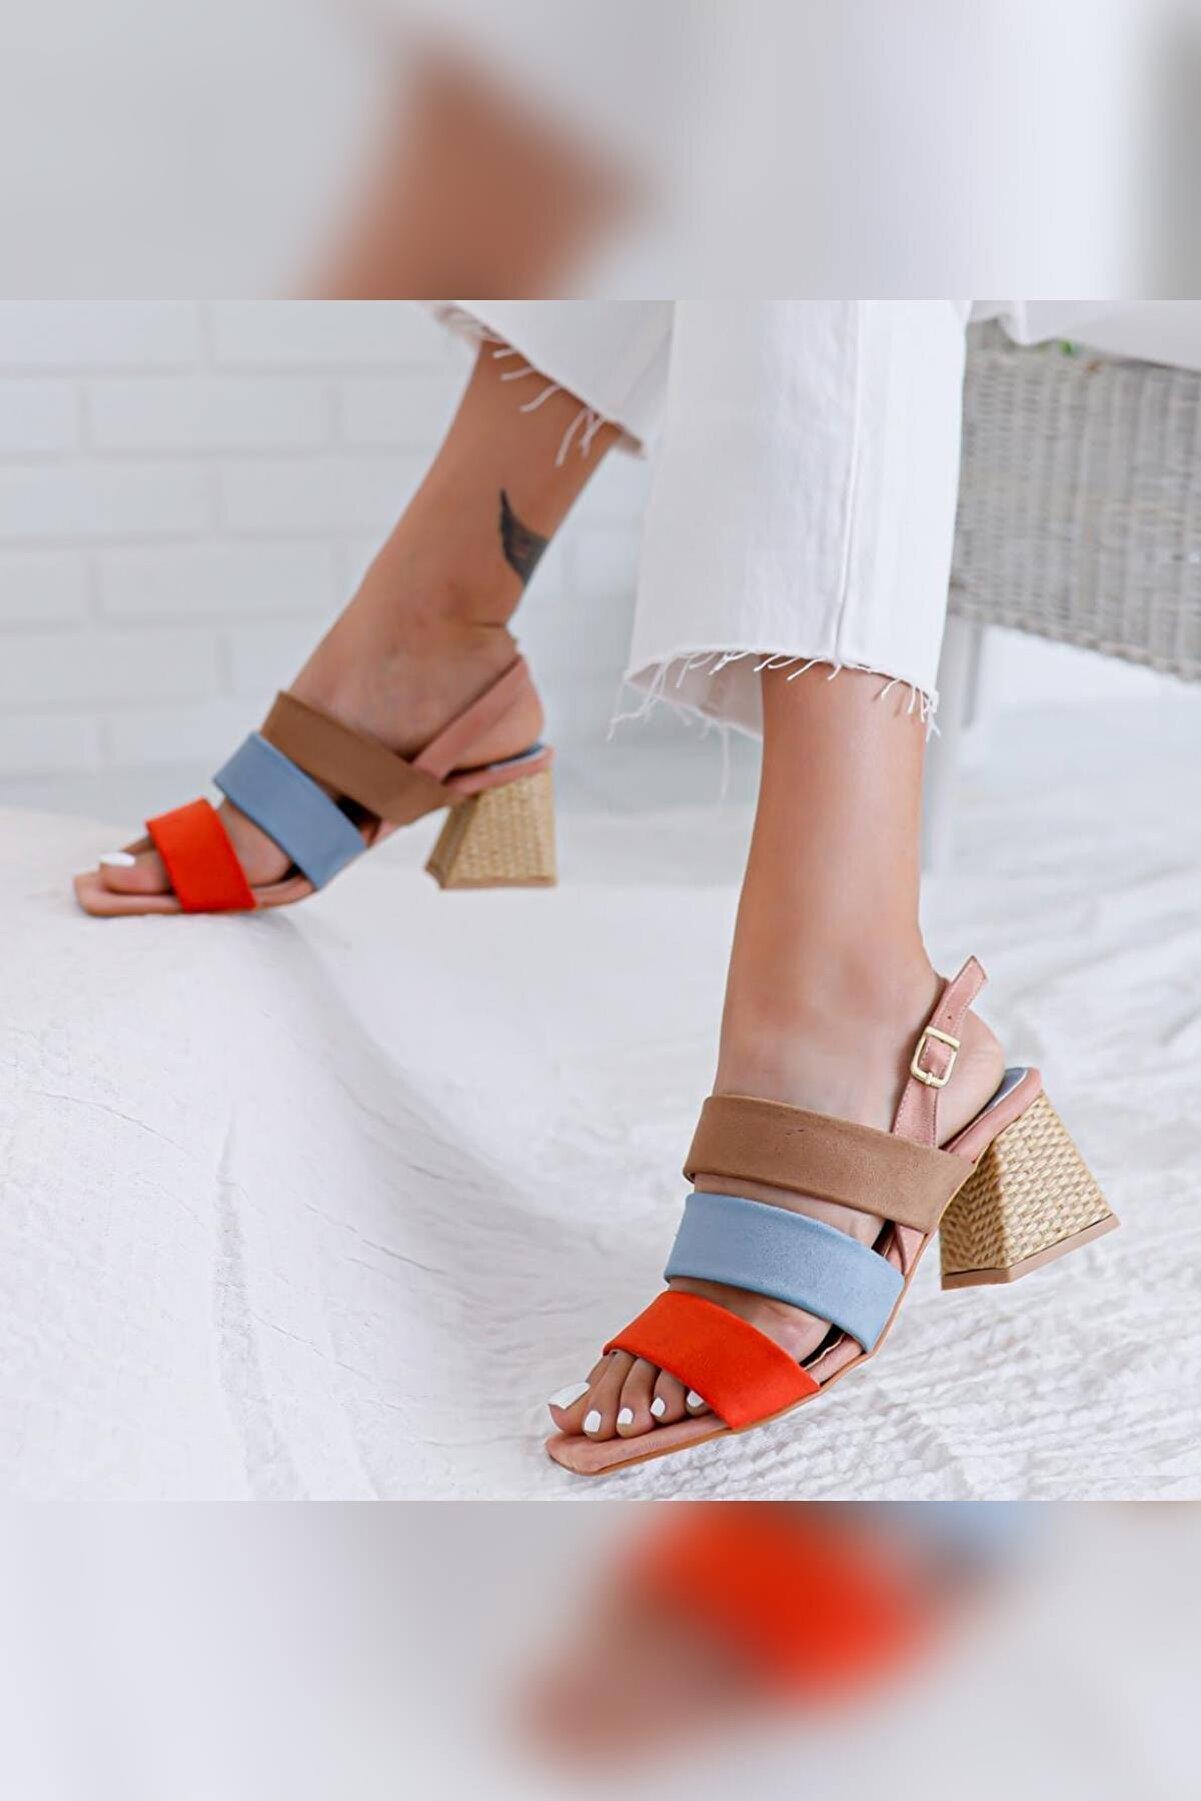 Limoya Kadın Pudra Kum Bebe Mavisi Portakal Alçak Hasır Topuklu Sandalet